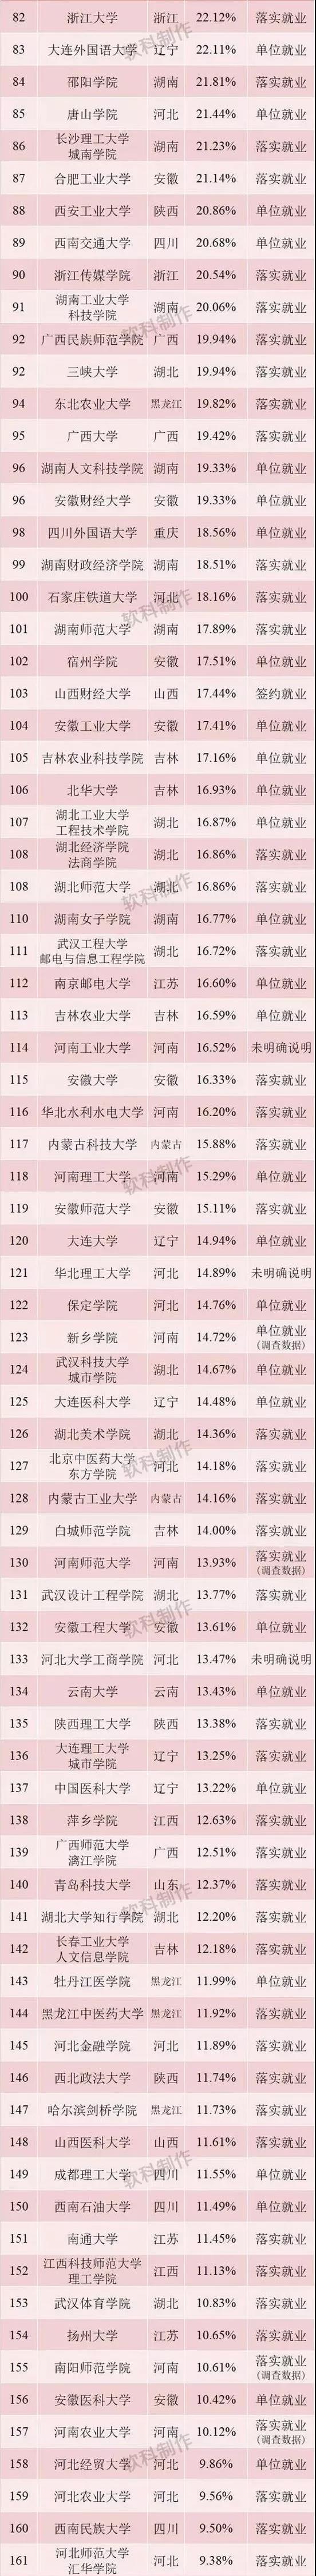 2017届大学本科毕业生在北上广就业情况公布!